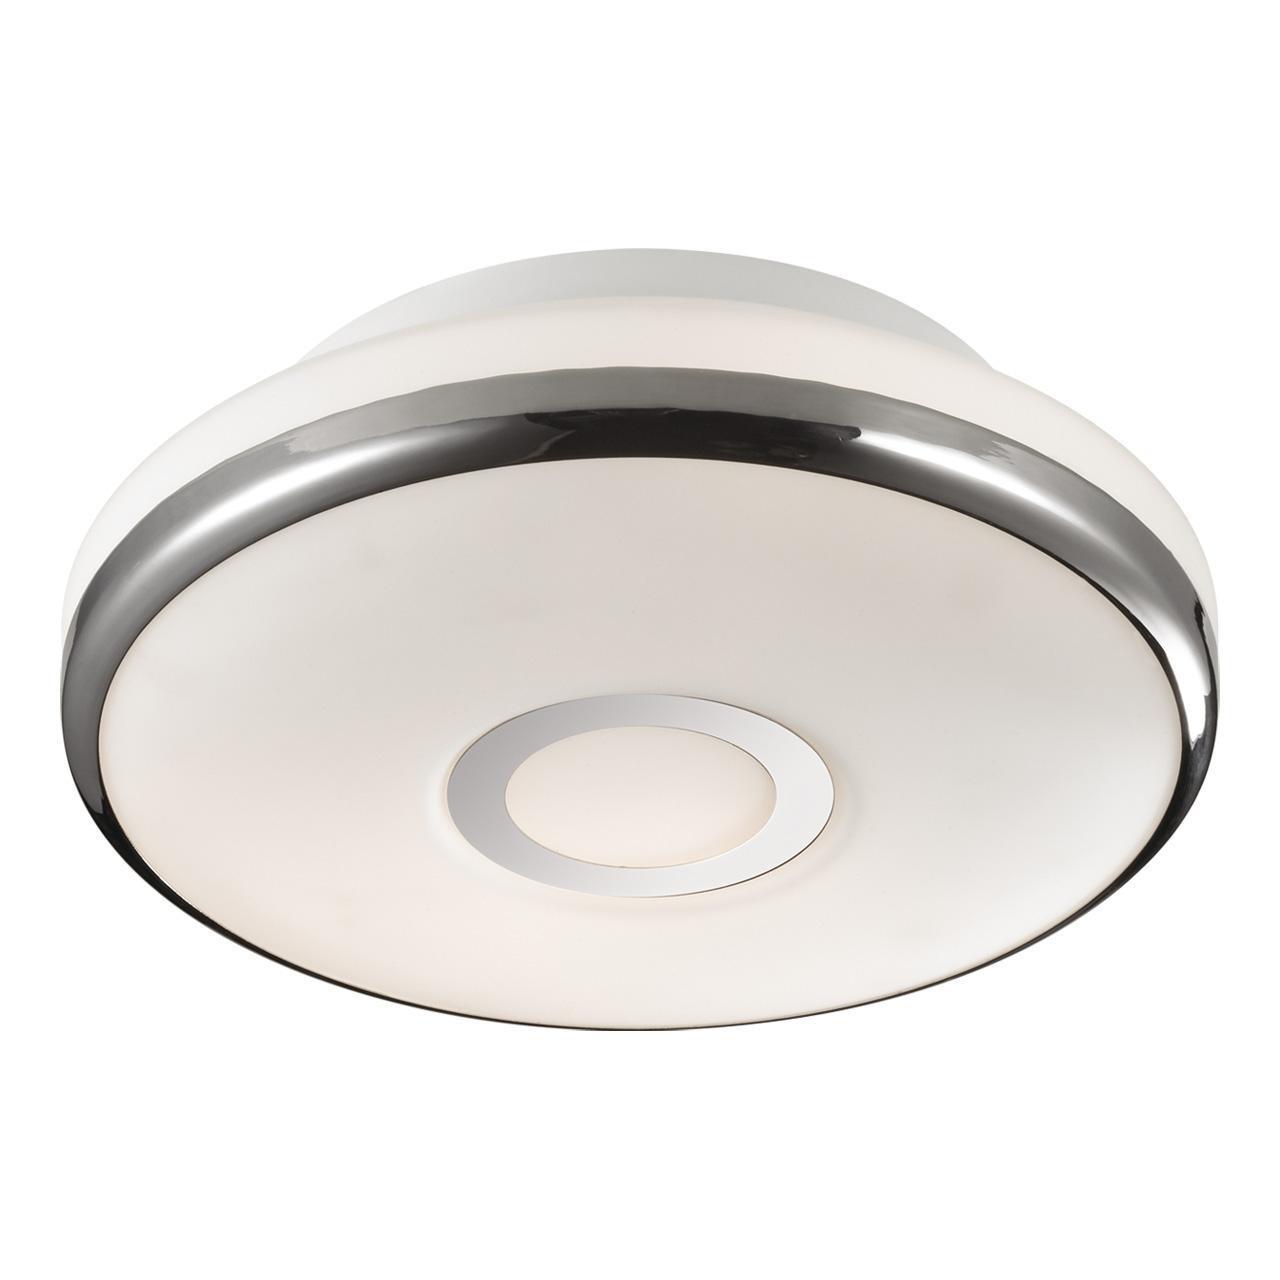 Потолочный светильник Odeon Light 2401/1C, белый цена